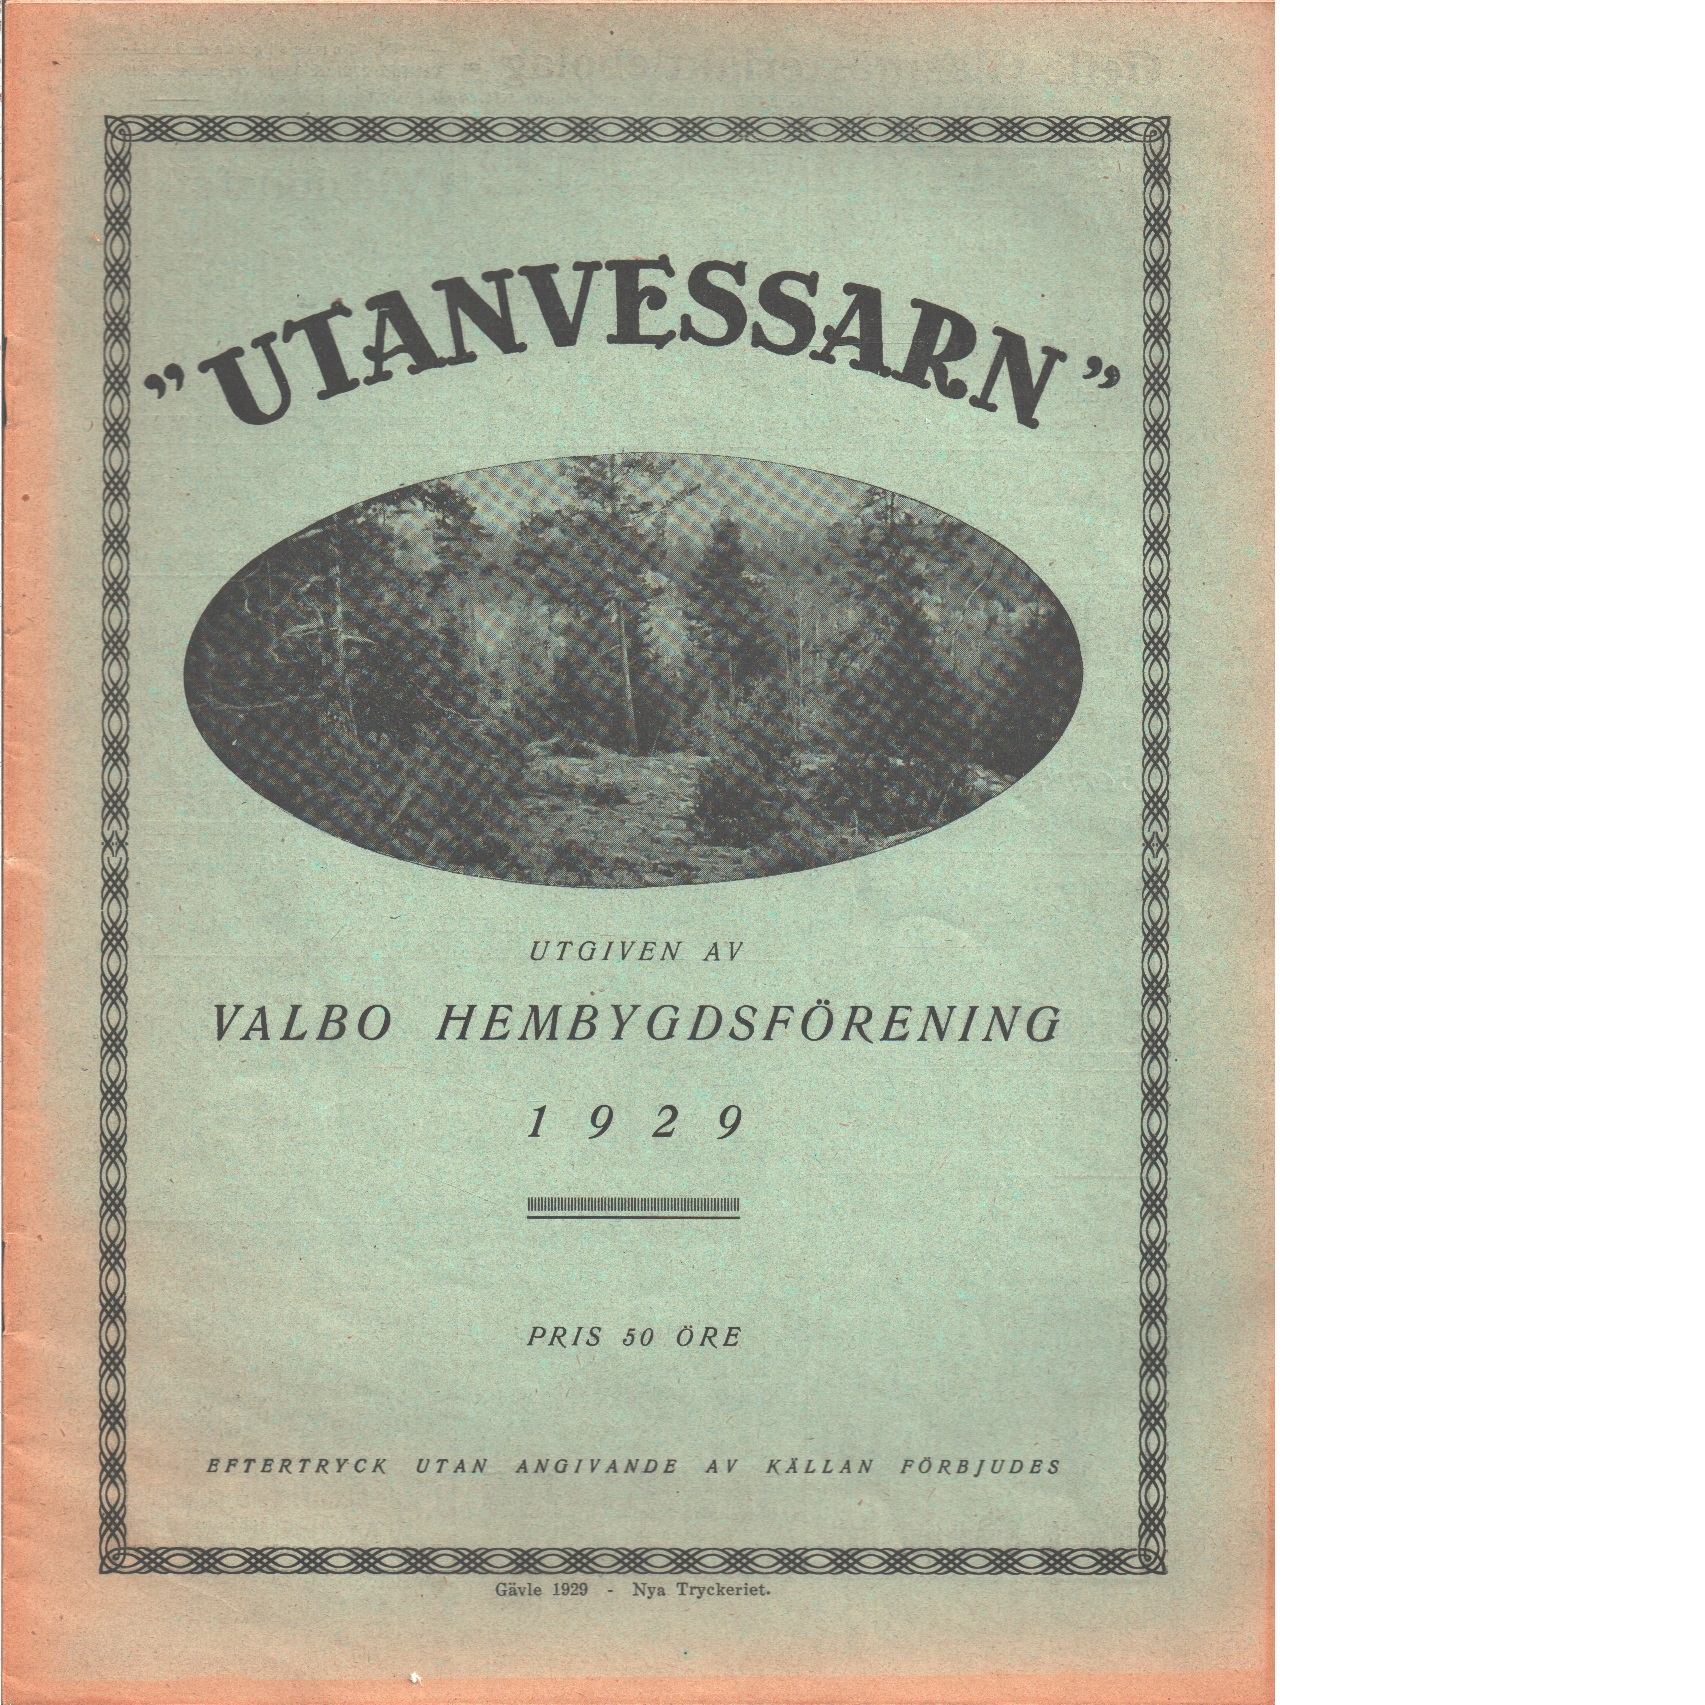 Utanvessarn  1929 - Red. Valbo hembygdsförening